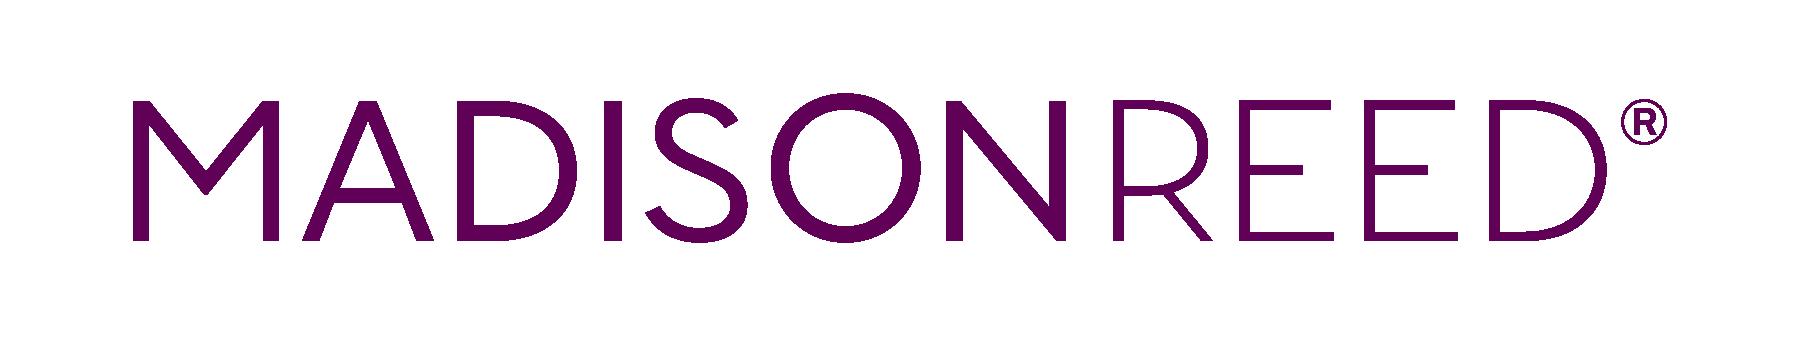 madison reed logo